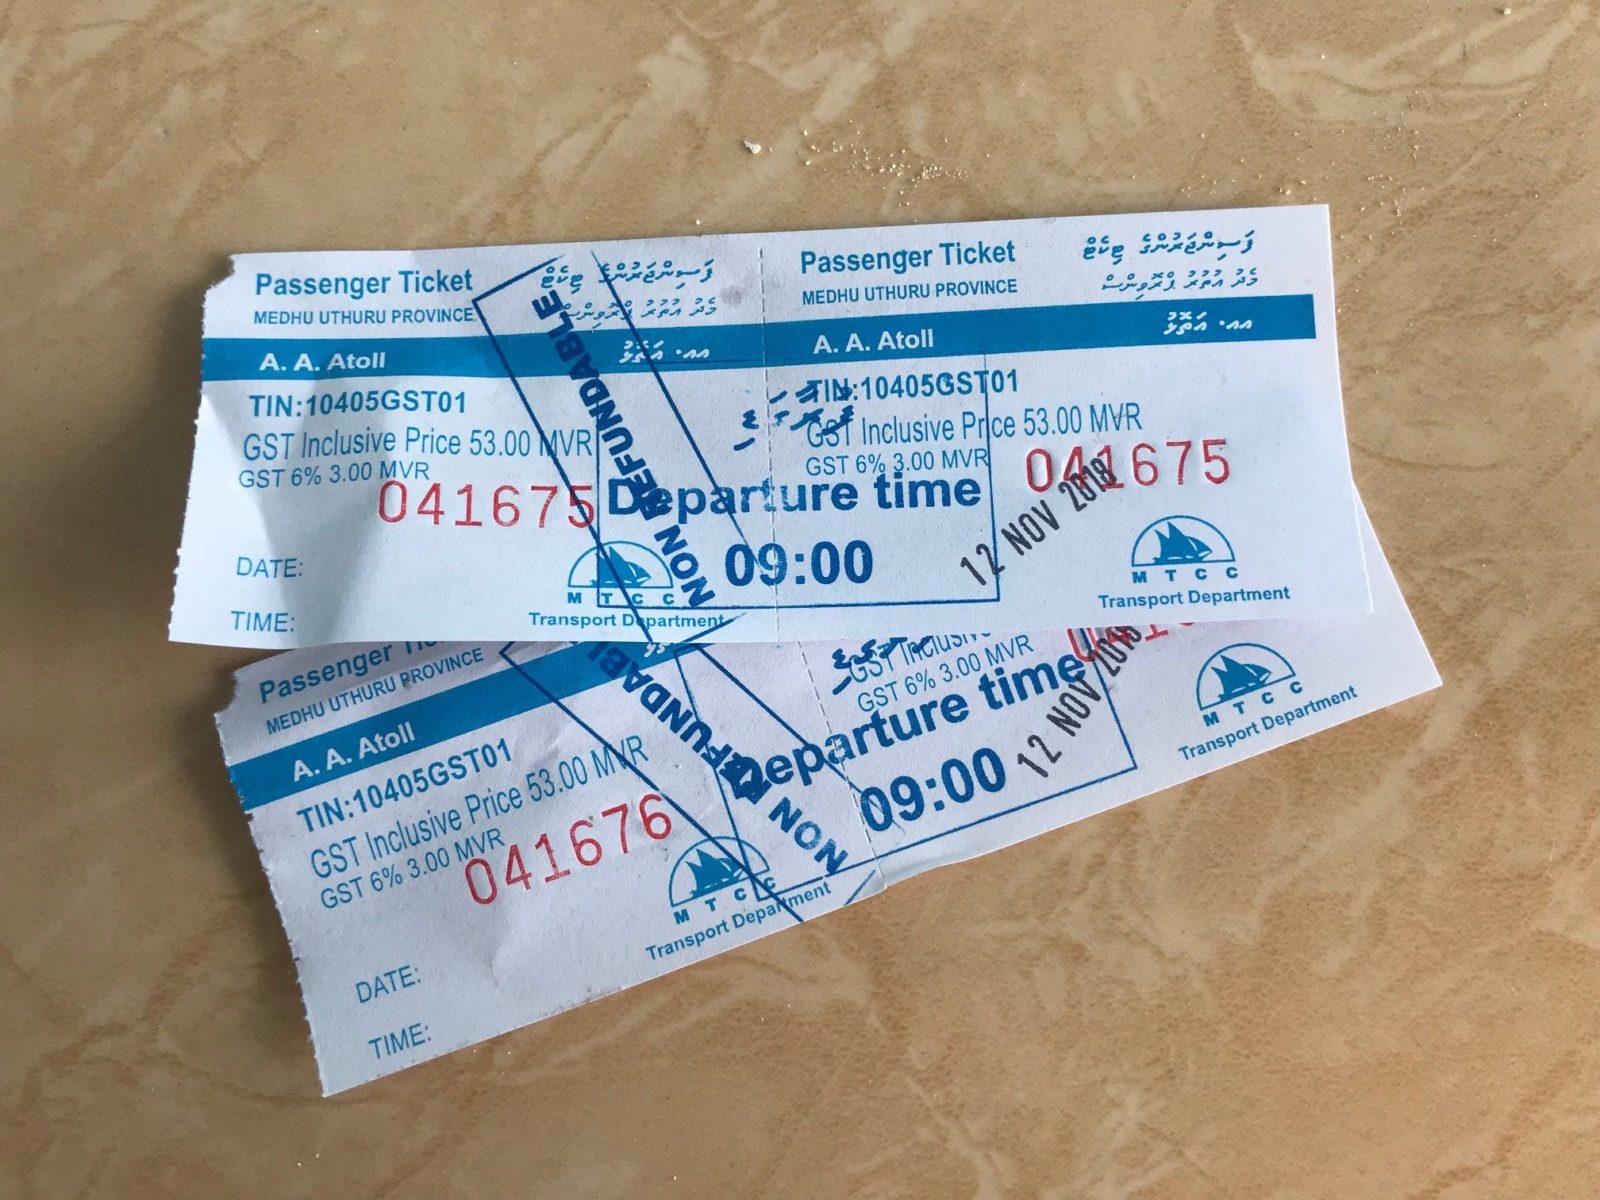 билеты на паром из Мале на остров Укулхас